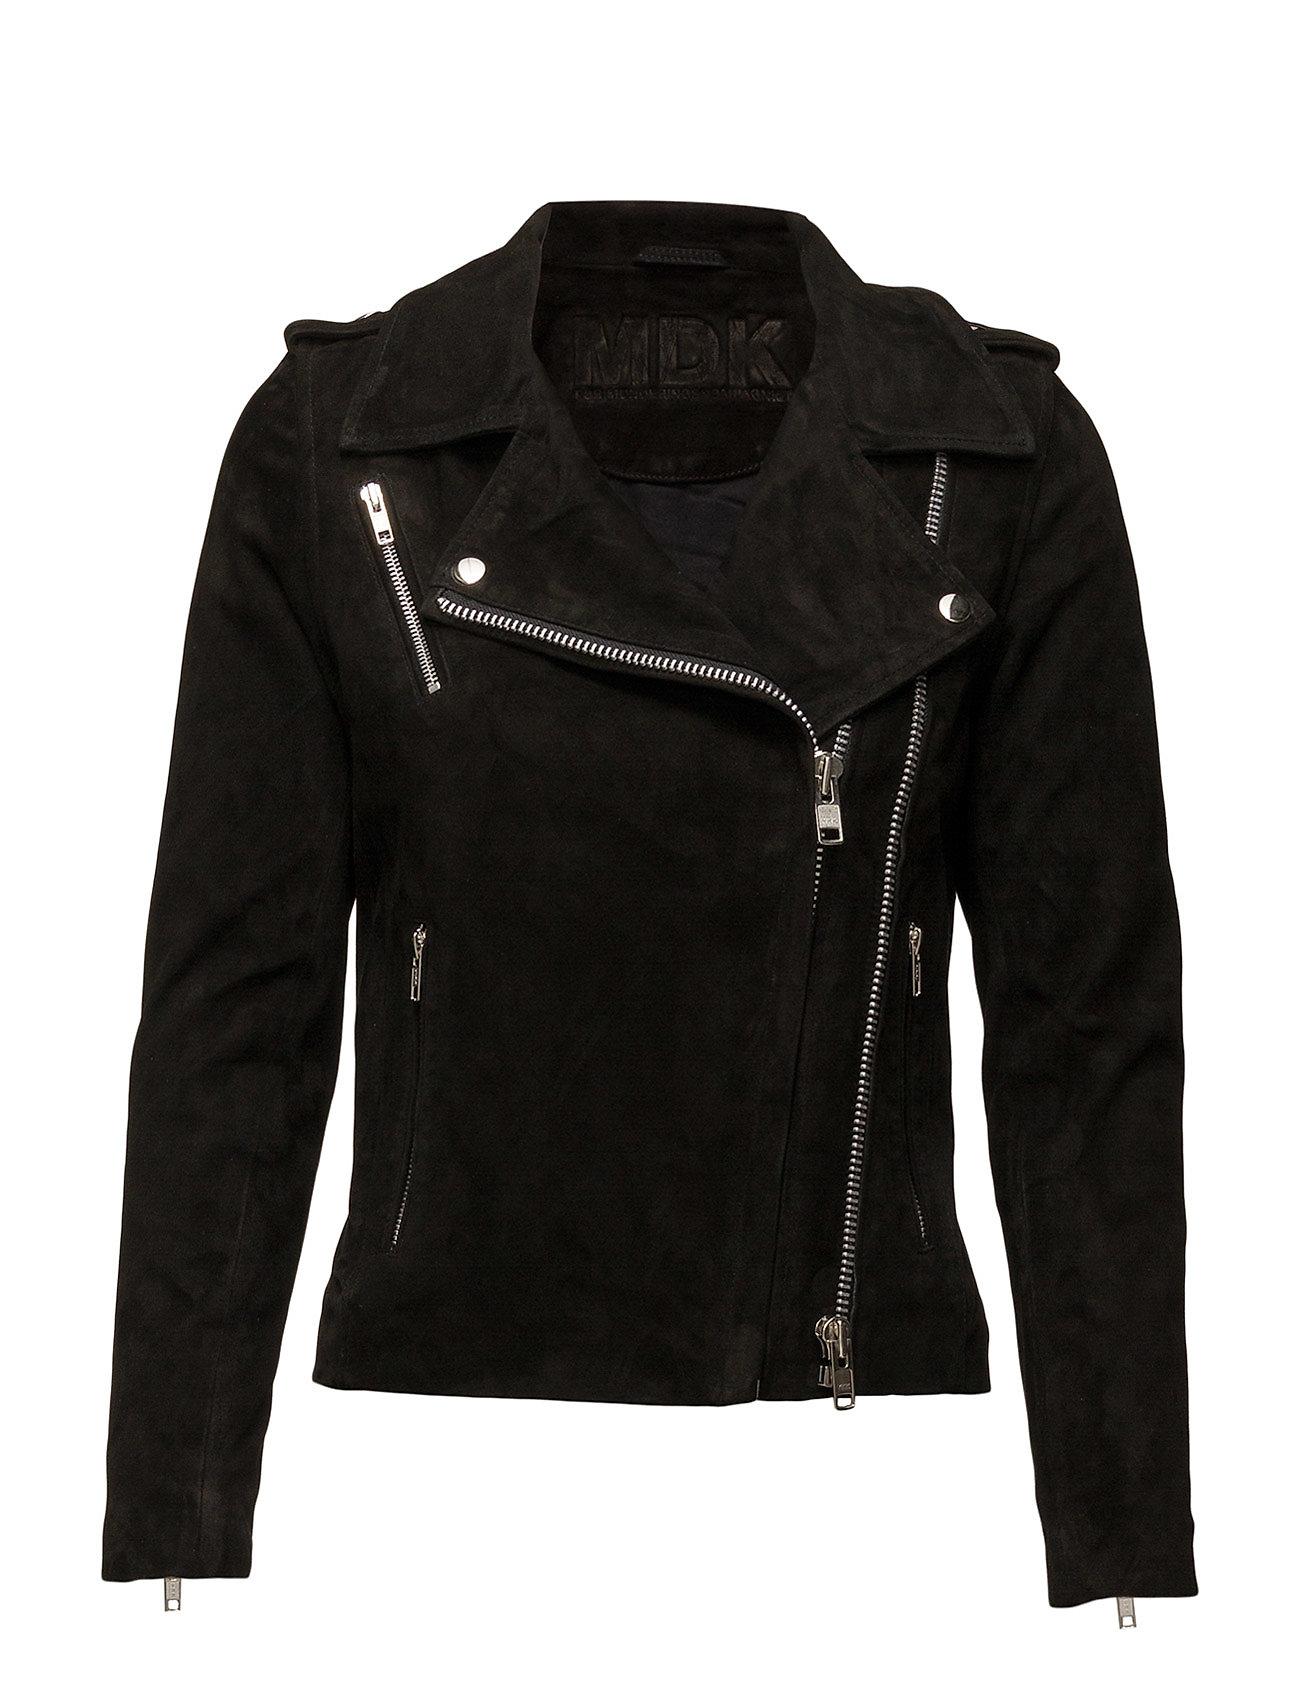 Viola Suede Jacket (Black) MDK / Munderingskompagniet Jakker til Damer i